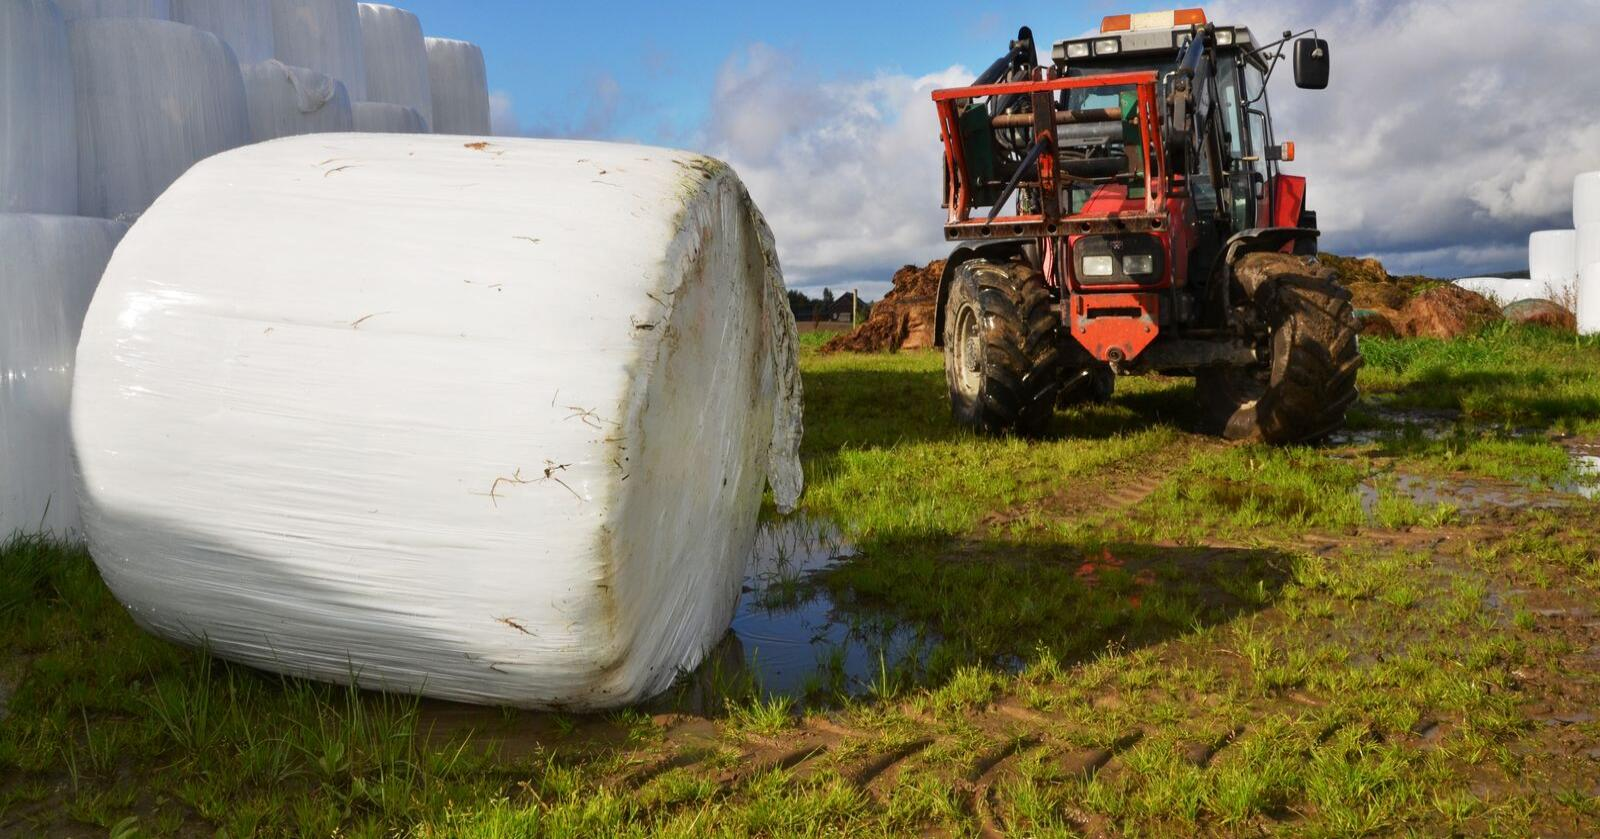 Gruppa anbefaler å stimulere til høyere avlinger per dekar og bedre agronomi ved å skjerpe minimumskravene til avling for arealtilskudd grovfôr. (Arkivfoto)